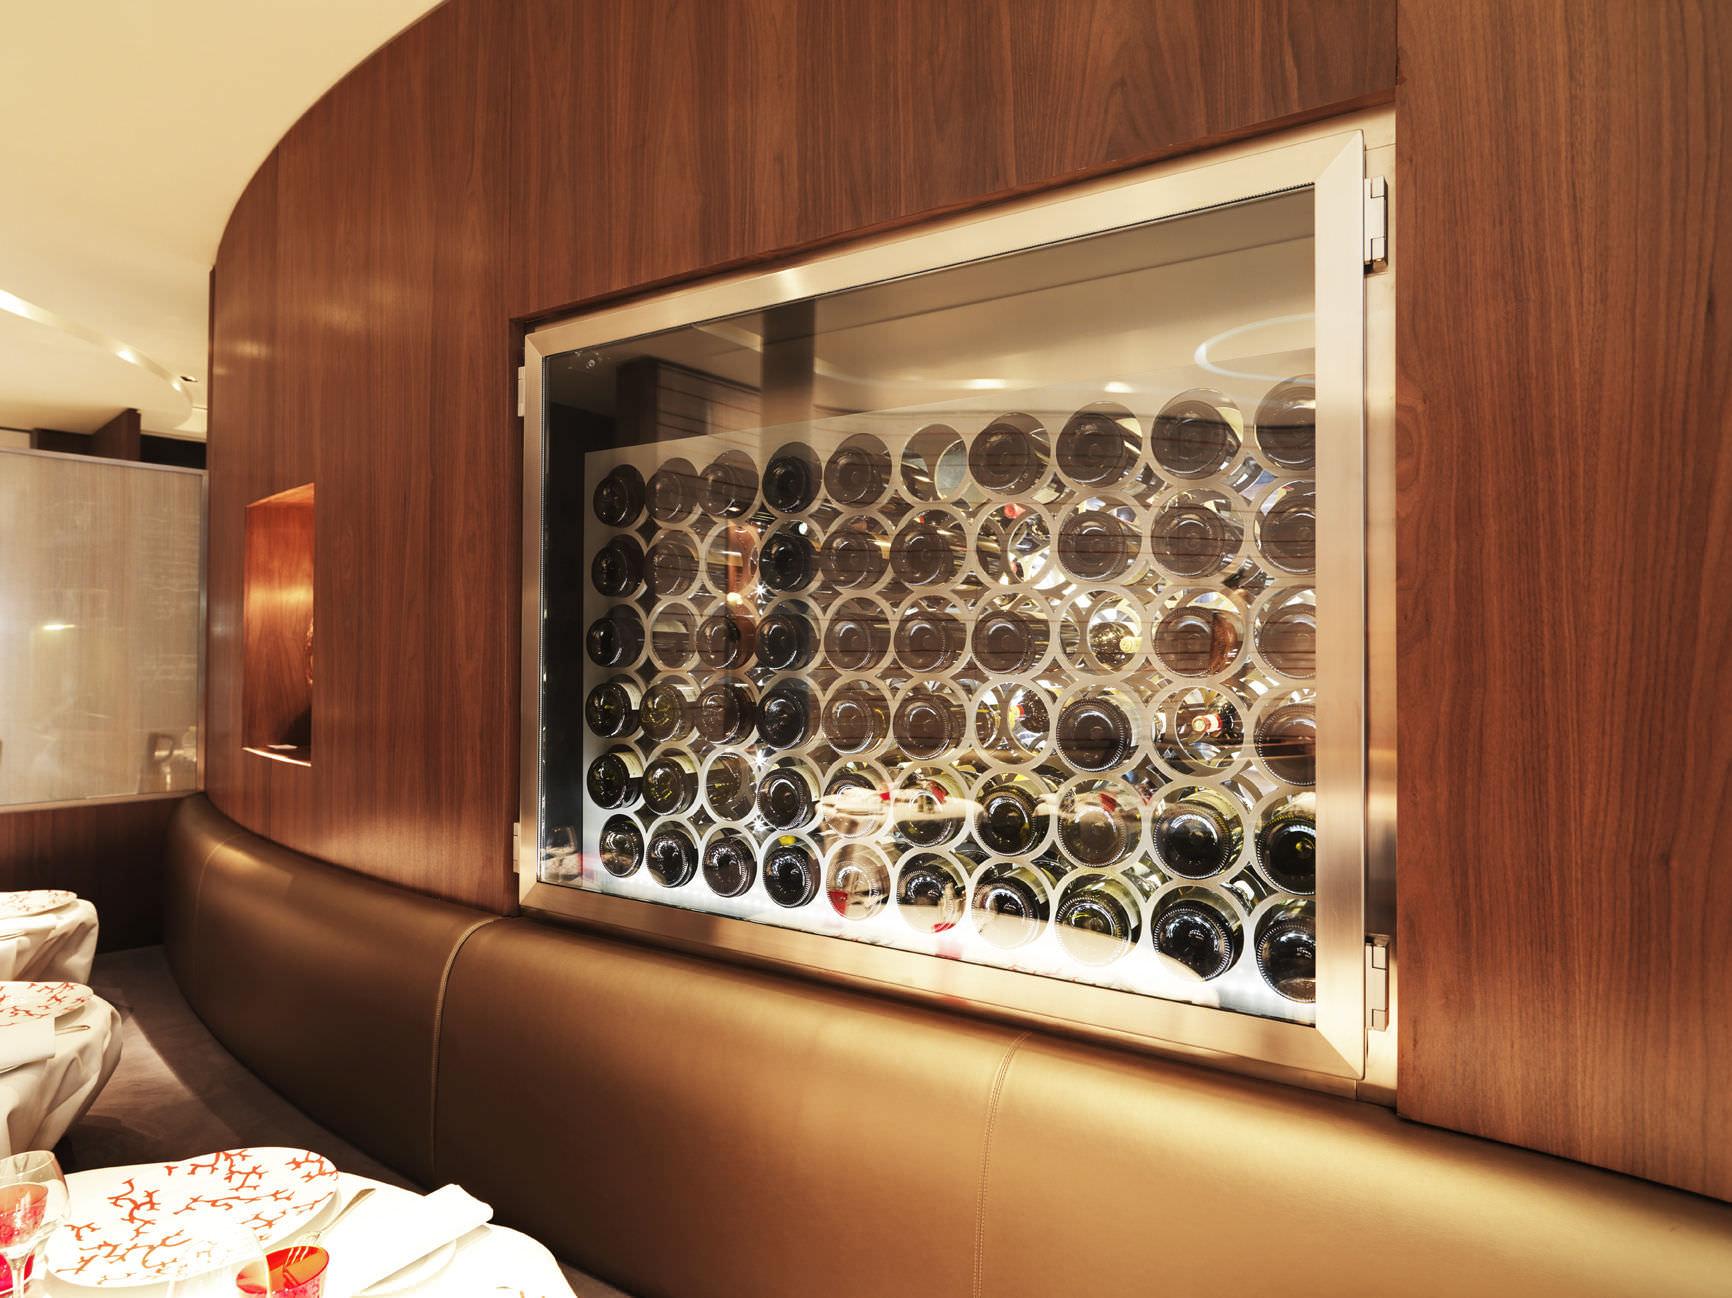 cave a vin electrique cave vin lectrique contre cave vin enterr e avec ouverture automatique. Black Bedroom Furniture Sets. Home Design Ideas